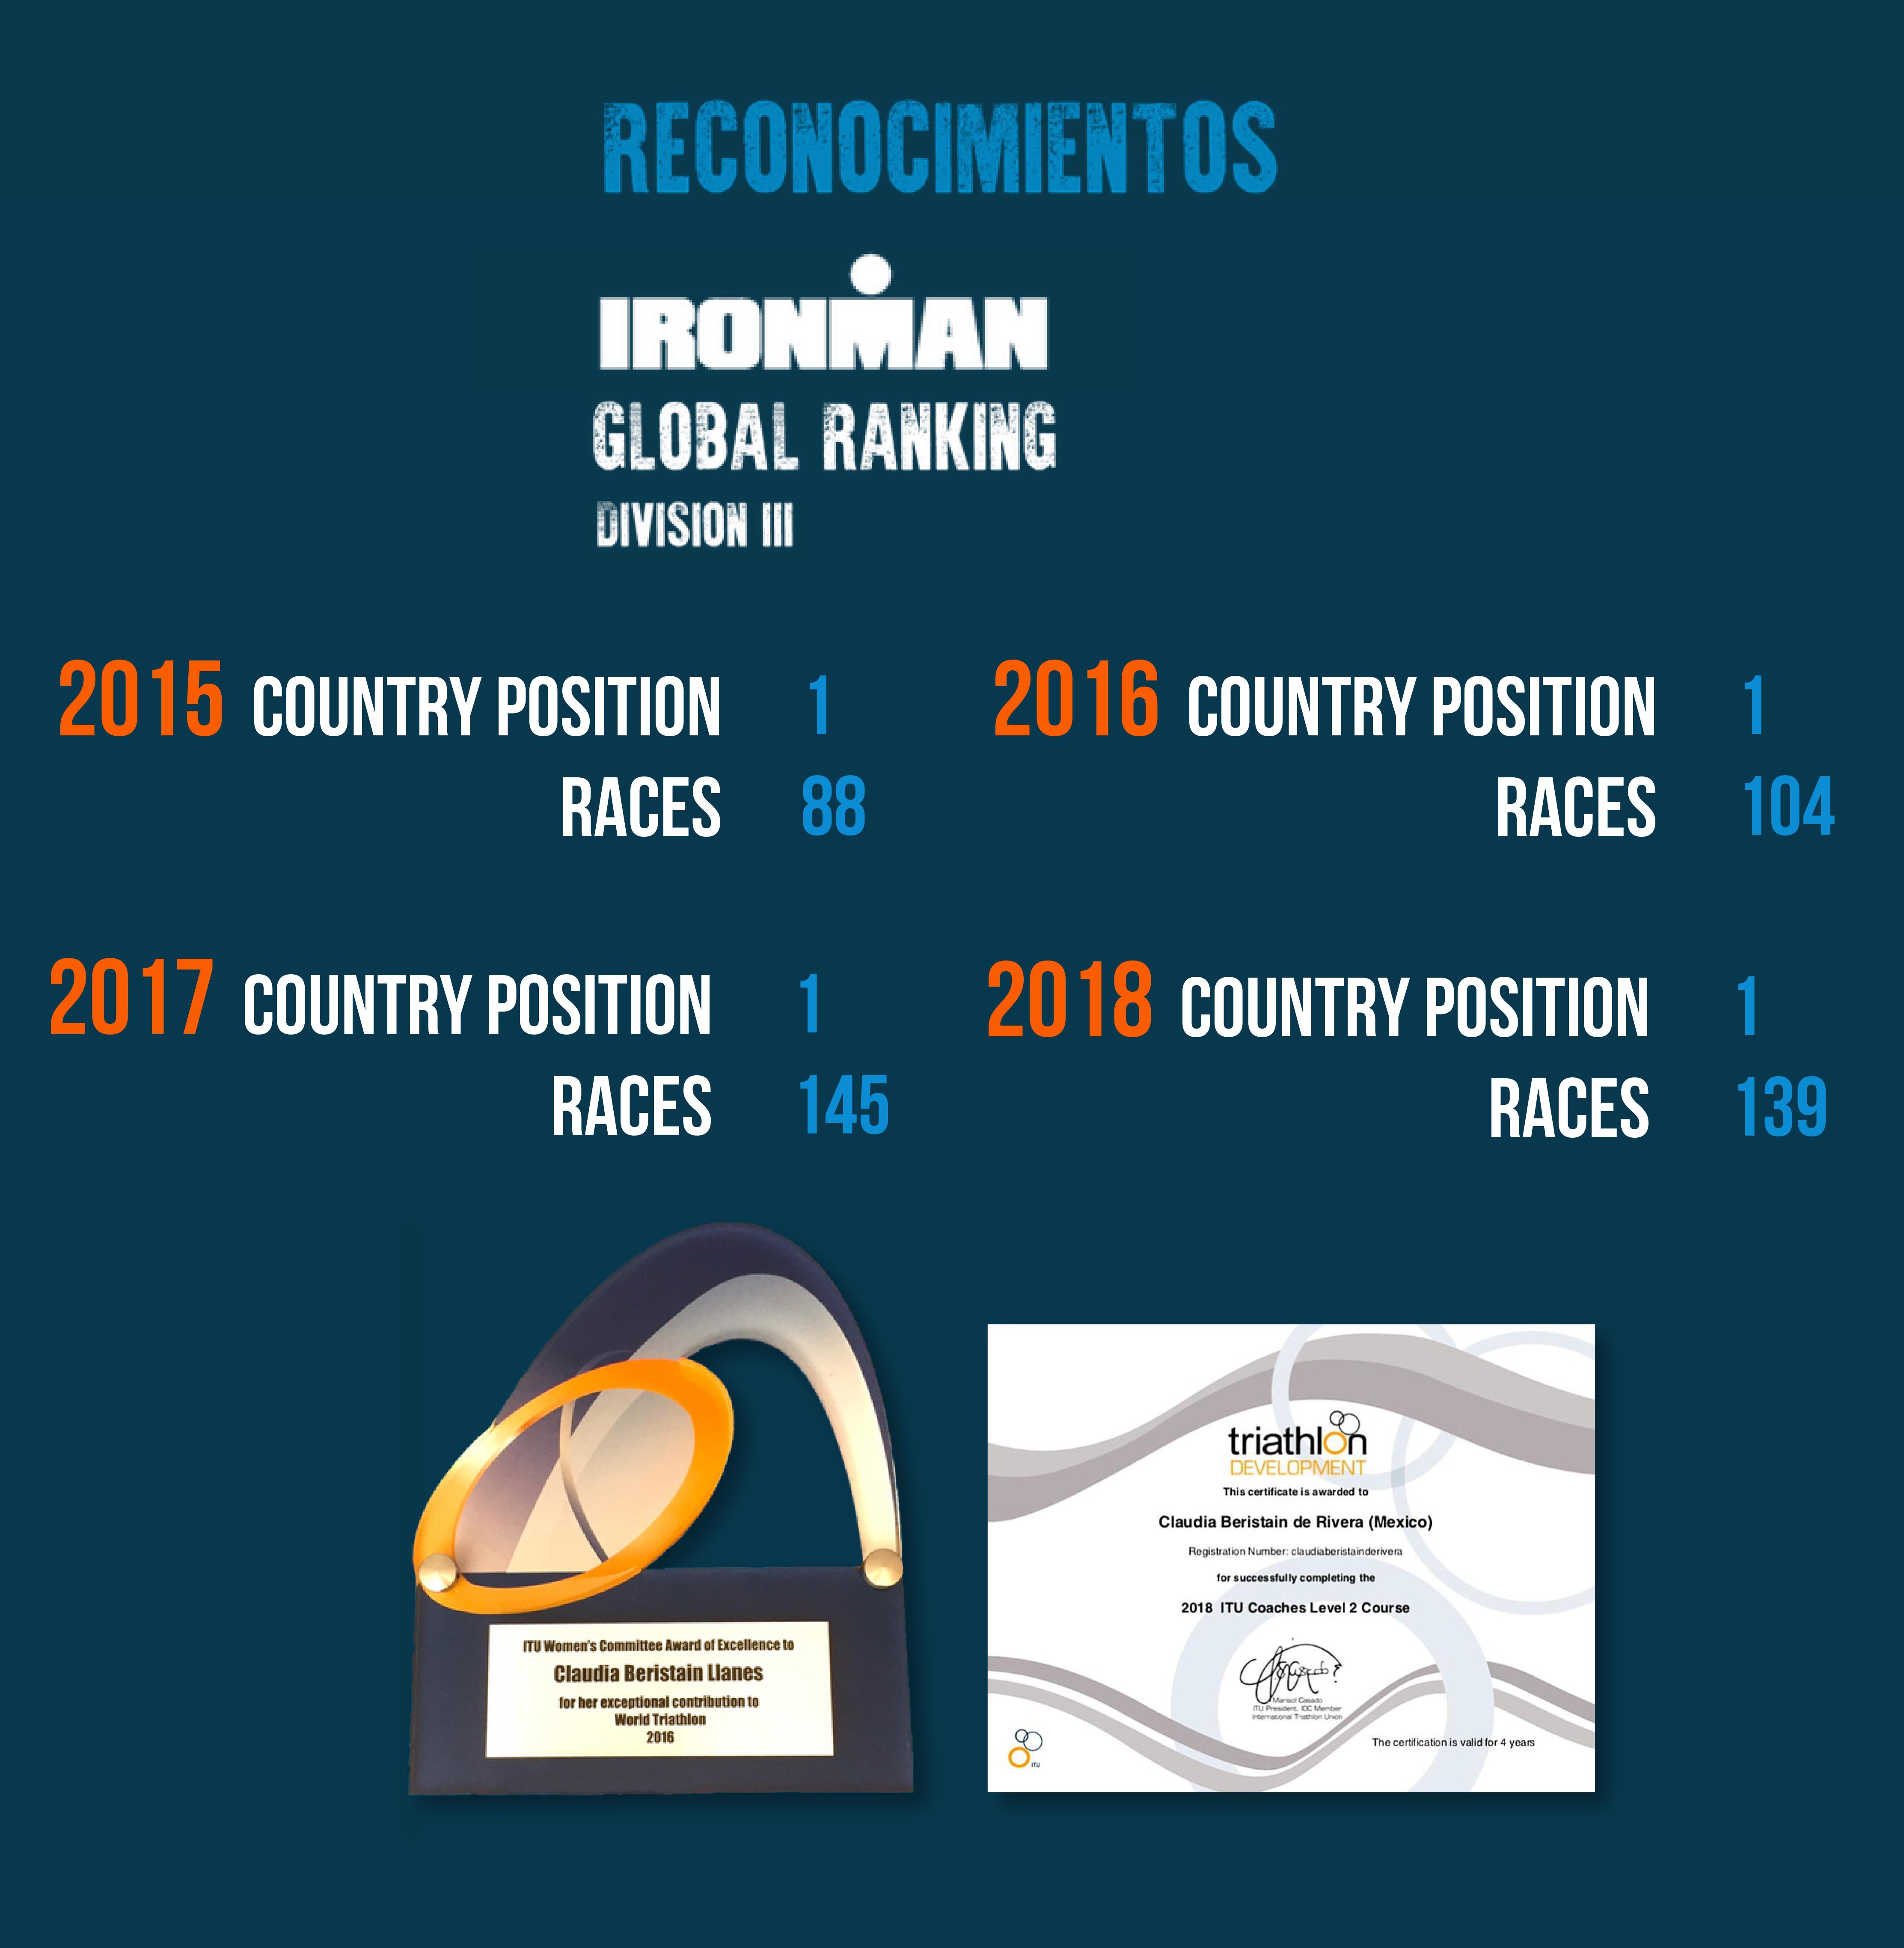 titulo-reconocimientos